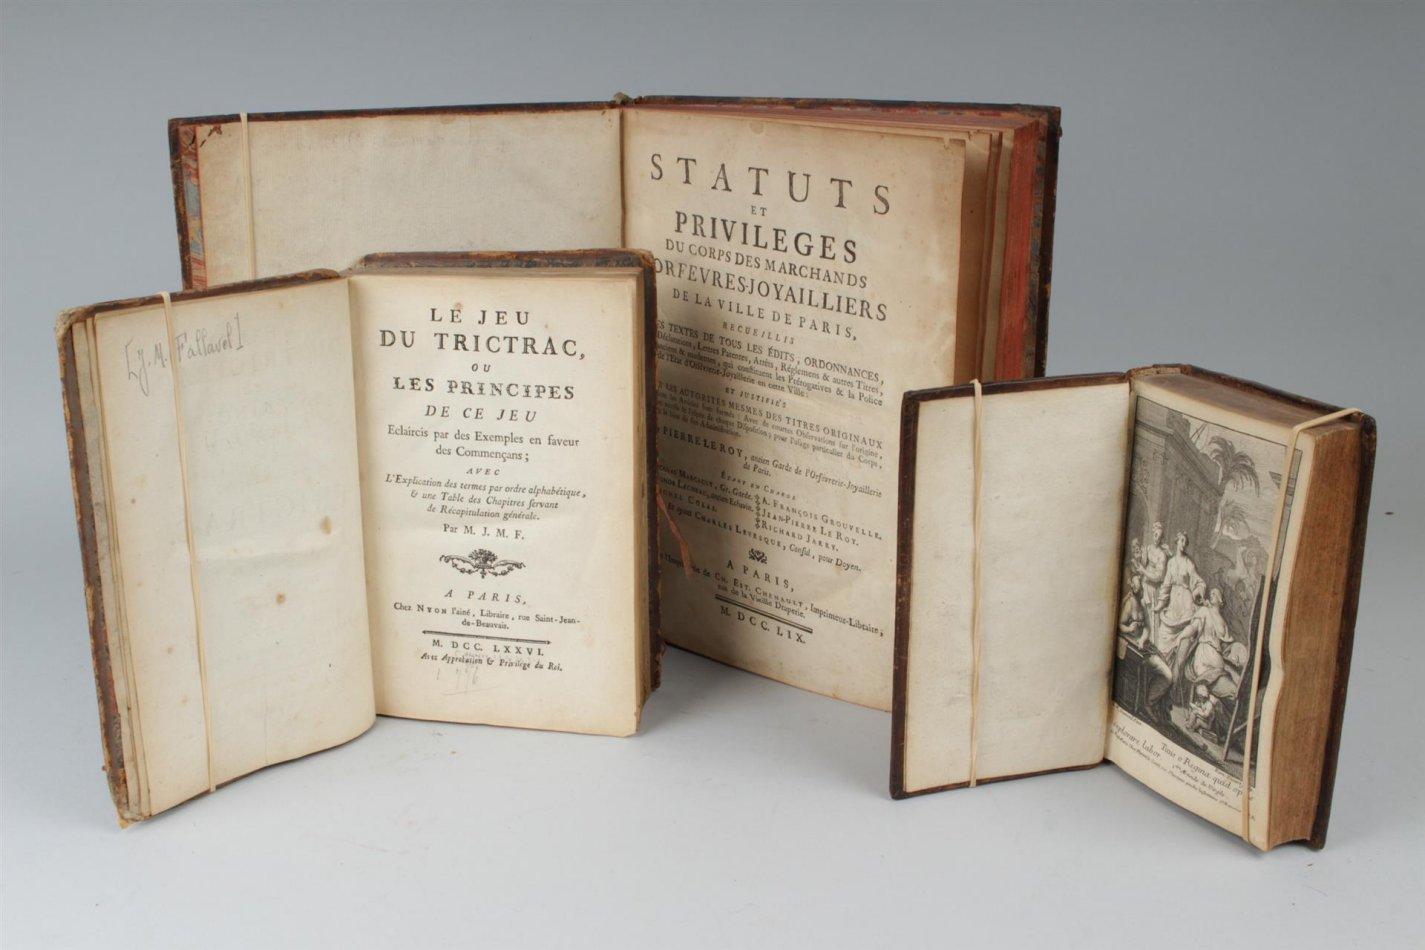 ensemble-de-trois-ouvrages-cabinet-des-singularites-d-architecture-peinture-sculpture-graveur-paris-1699-1-volume--11